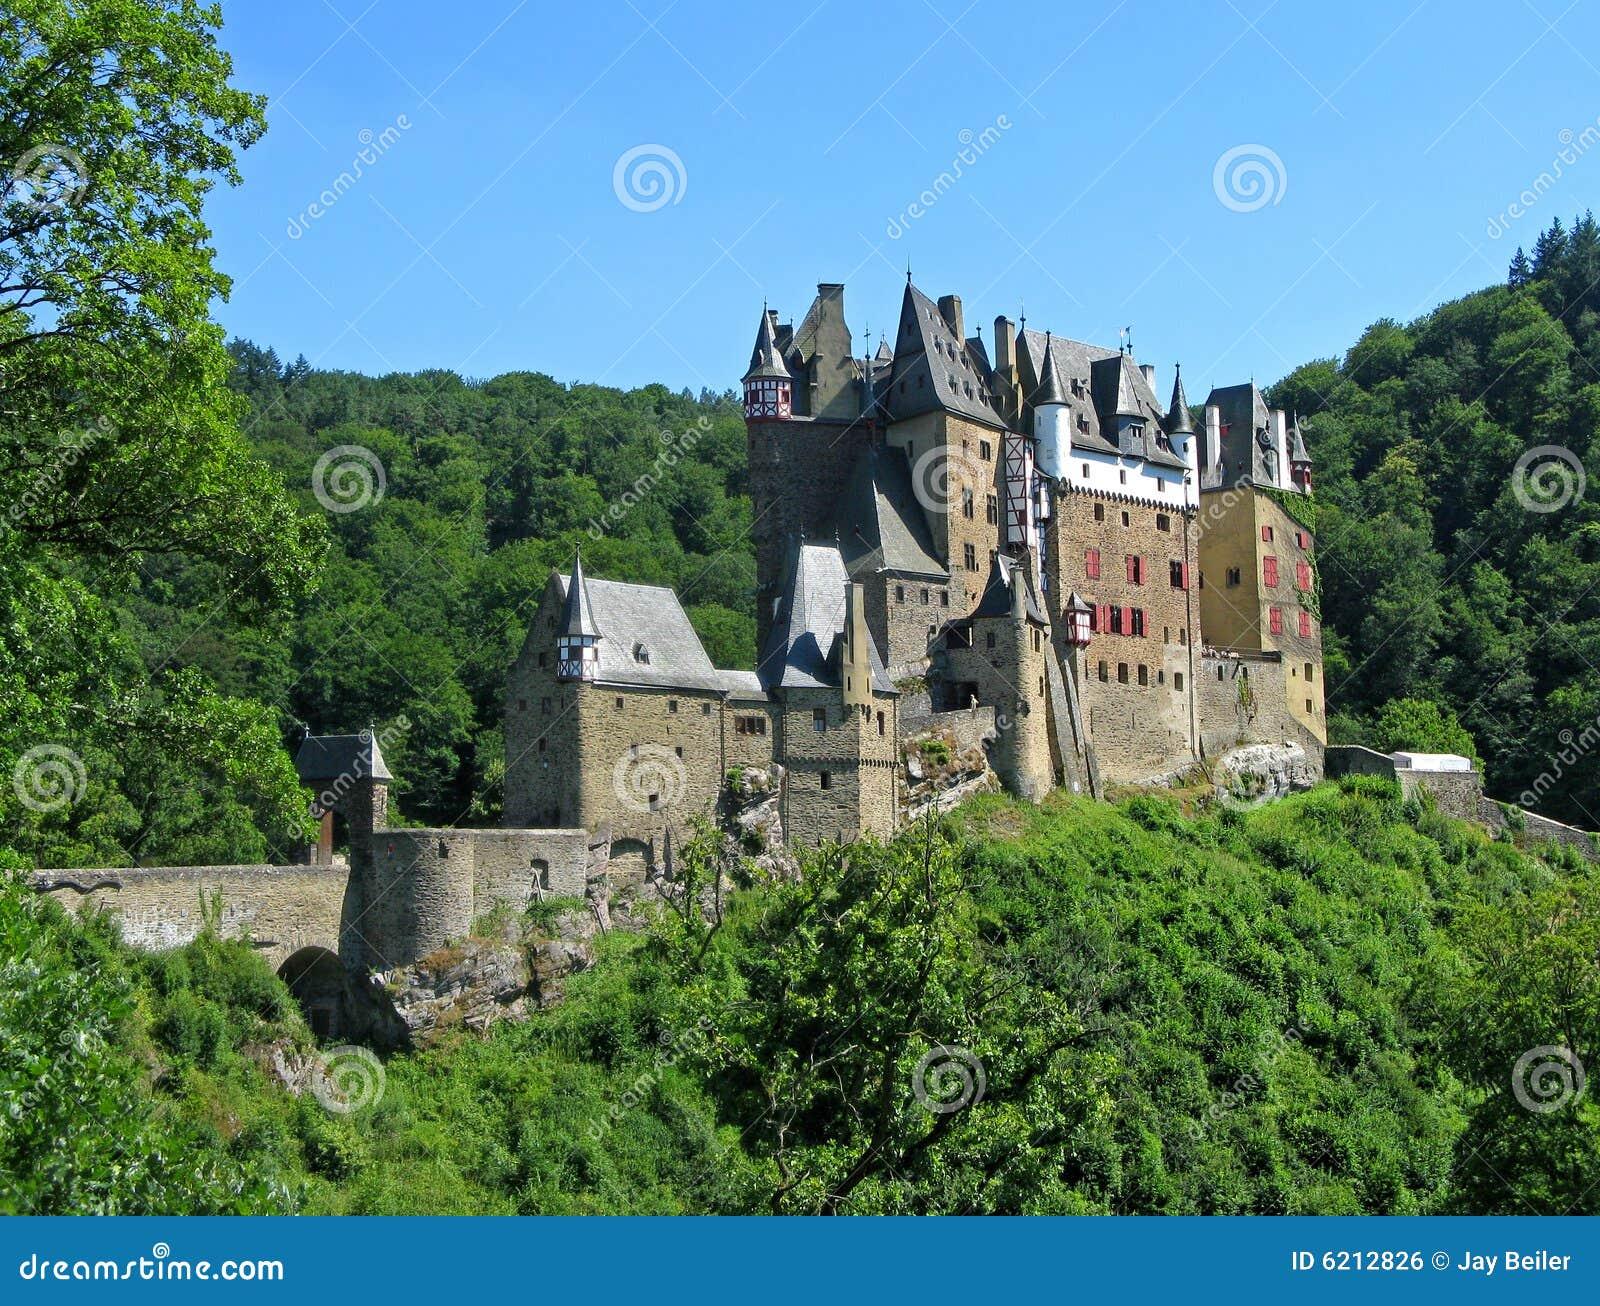 Castle Eltz, Germany